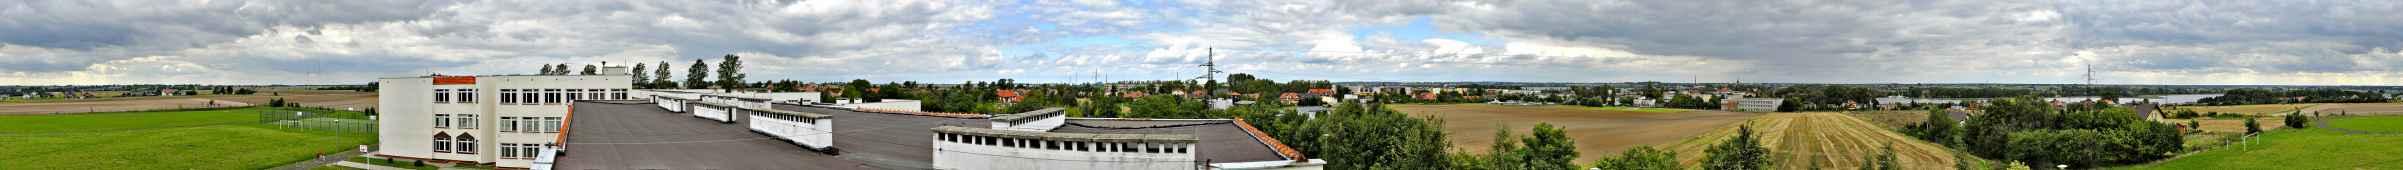 Prezentacja panoramiczna dla obiektu Lato